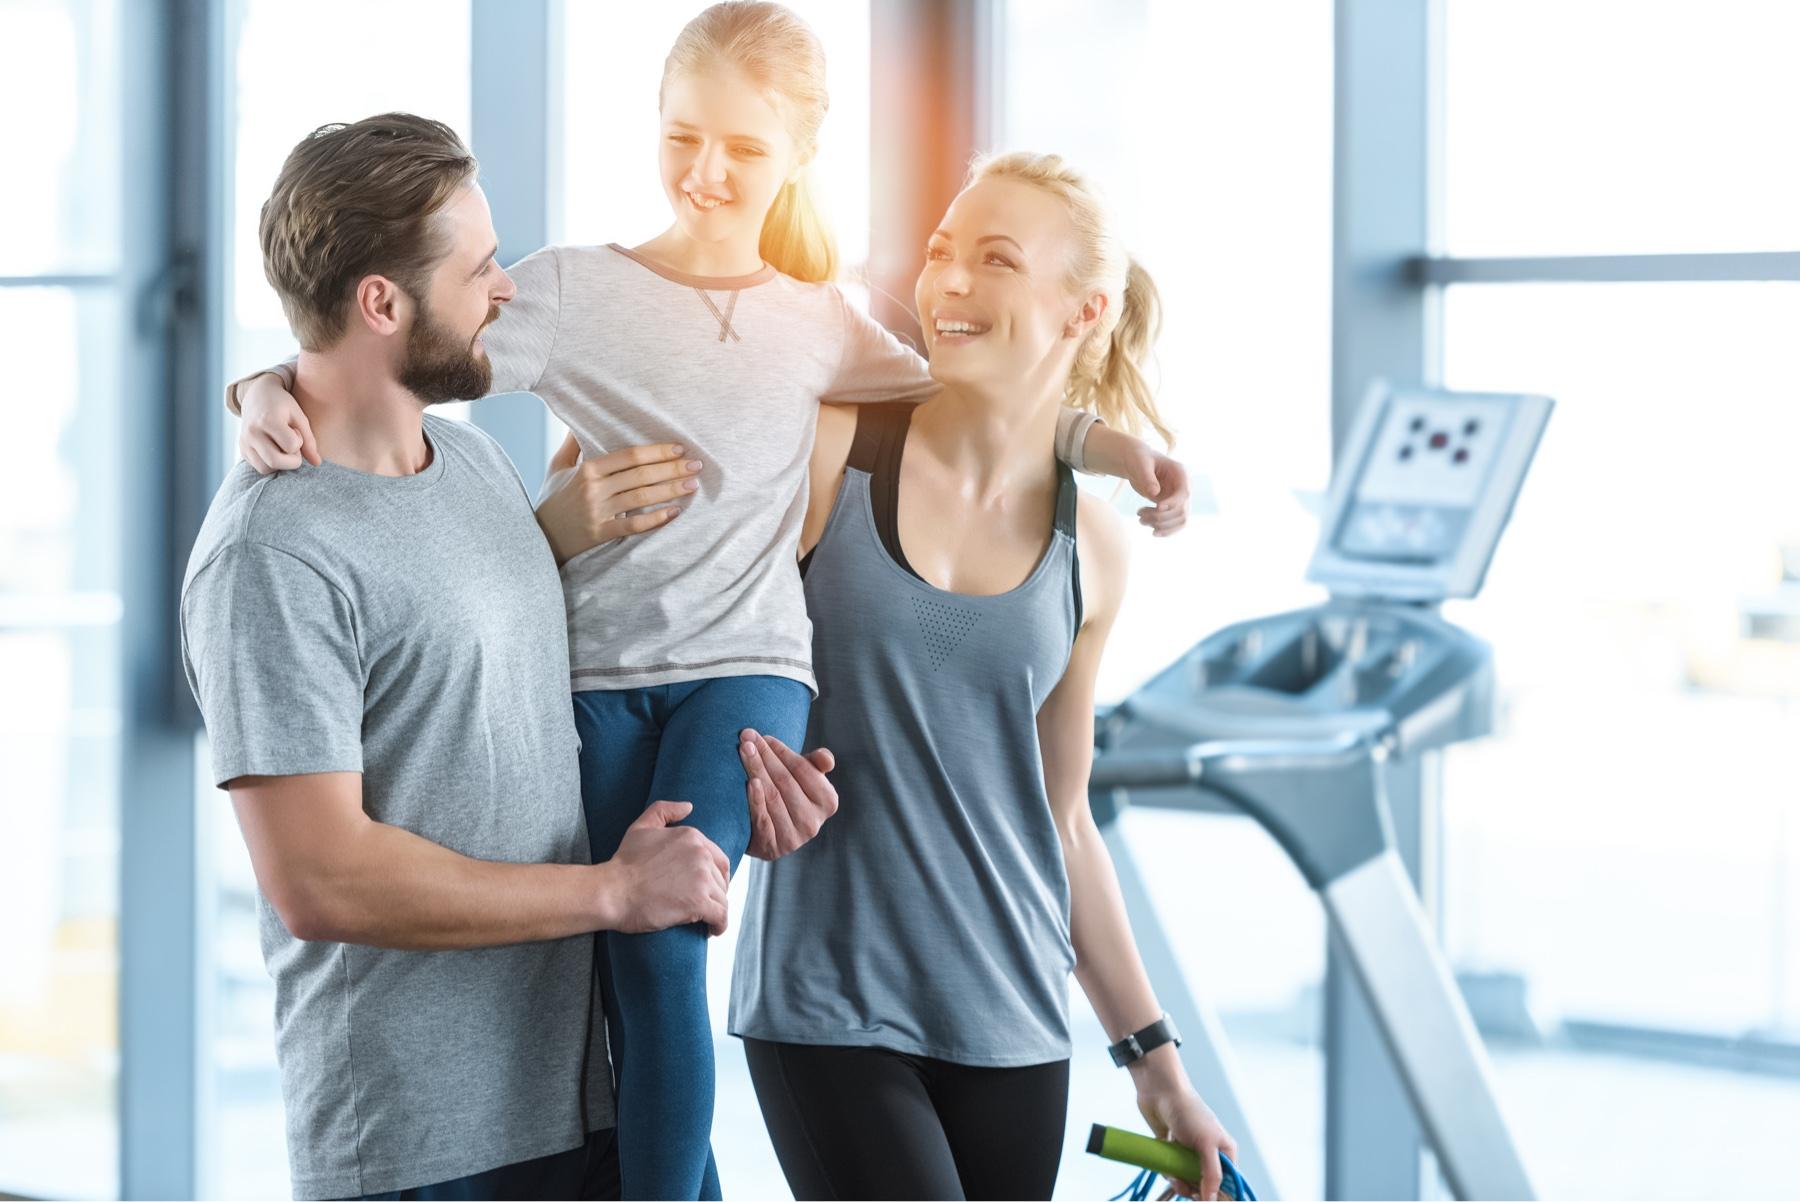 Uno para todos y todos para uno: 5 beneficios de practicar deporte en familia